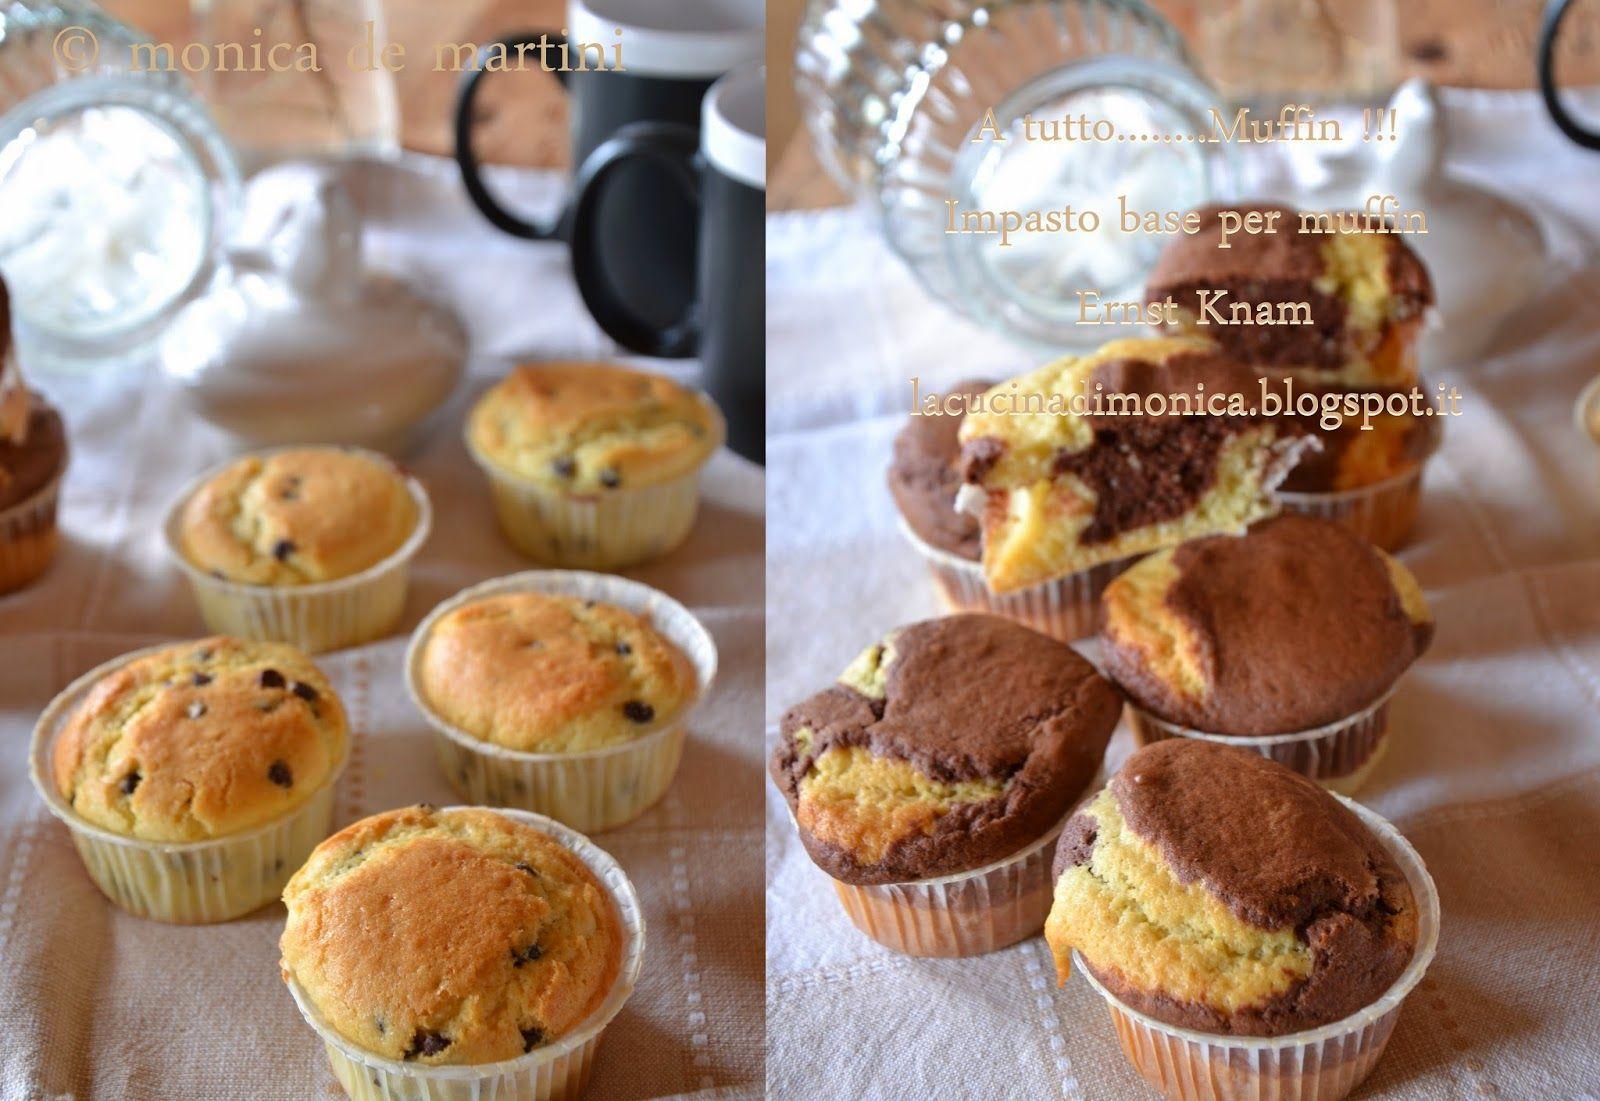 A tutto muffin impasto base per muffin di ernst knam la cucina di monica bimby - La cucina di monica ...